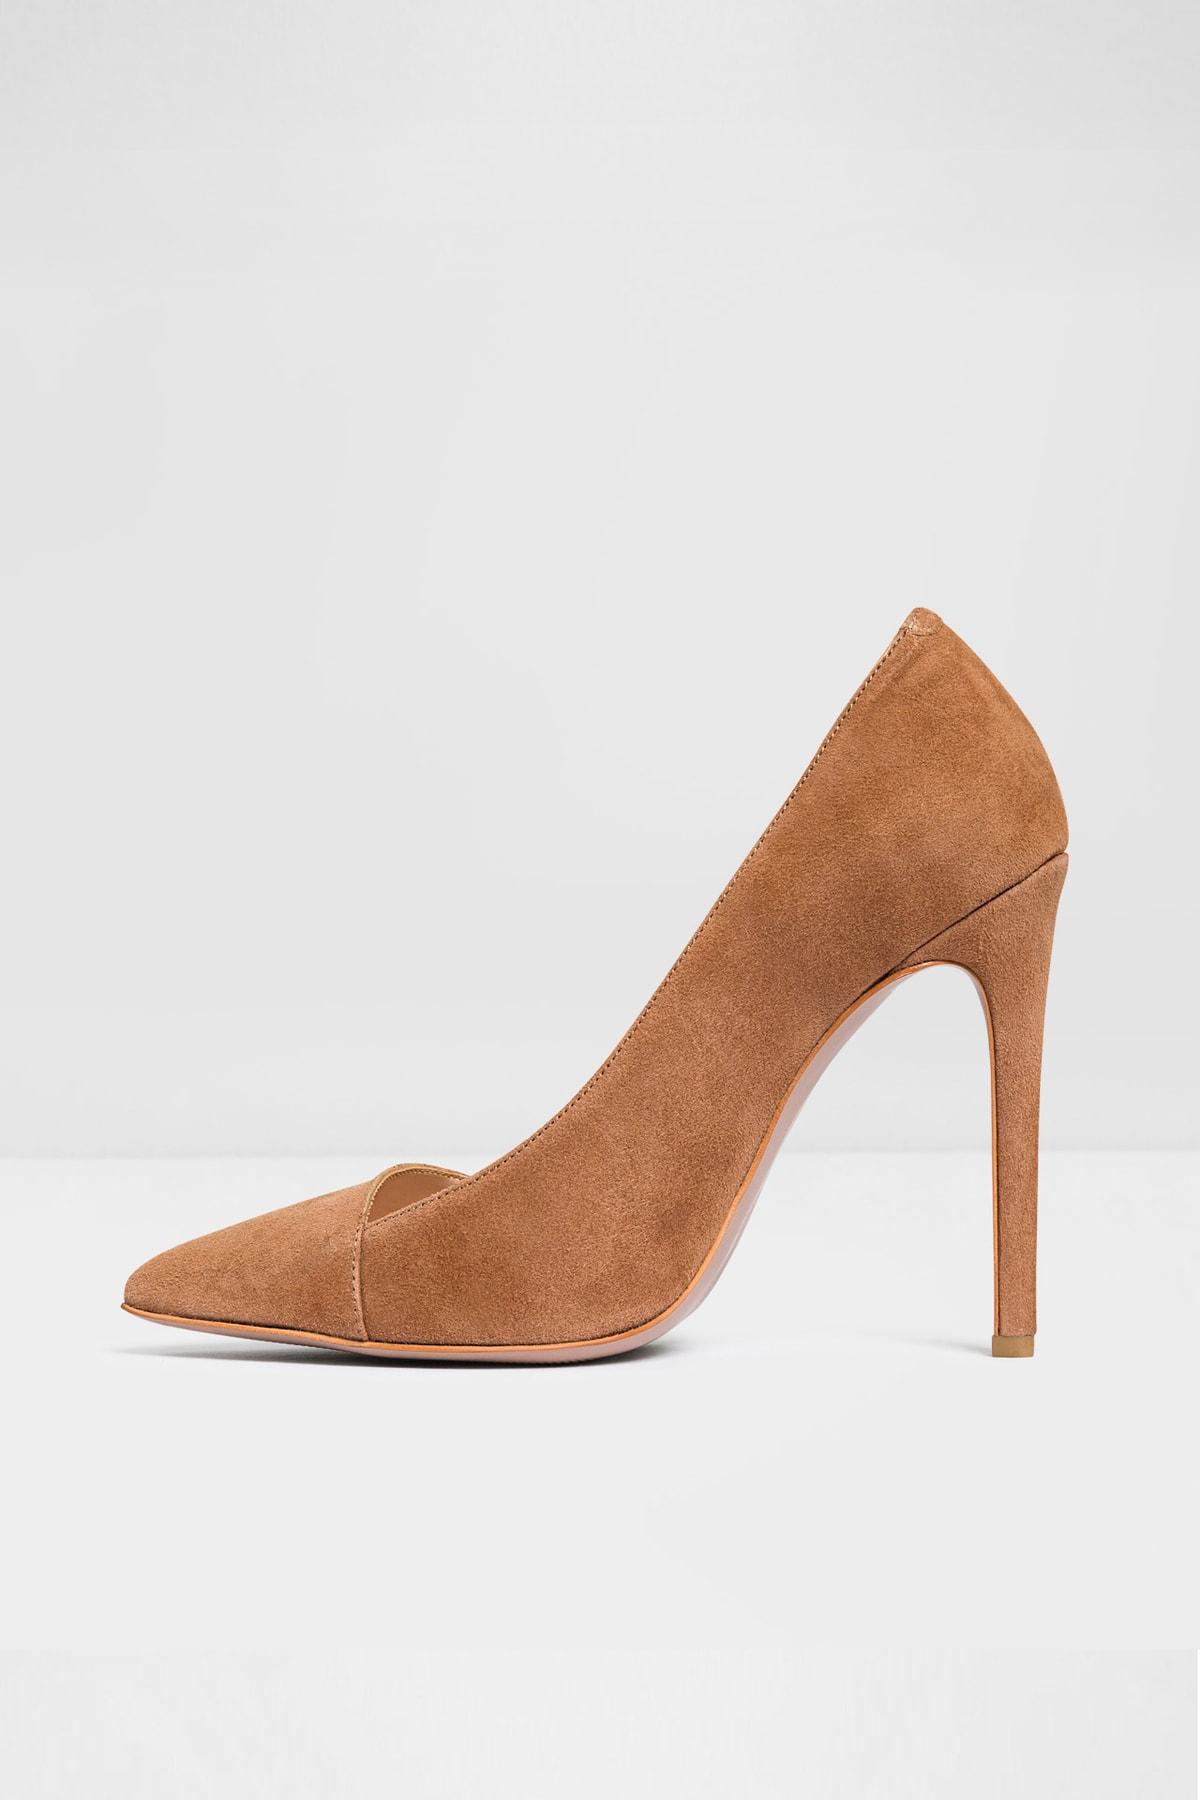 Aldo Kadın Taba Topuklu Ayakkabı 2